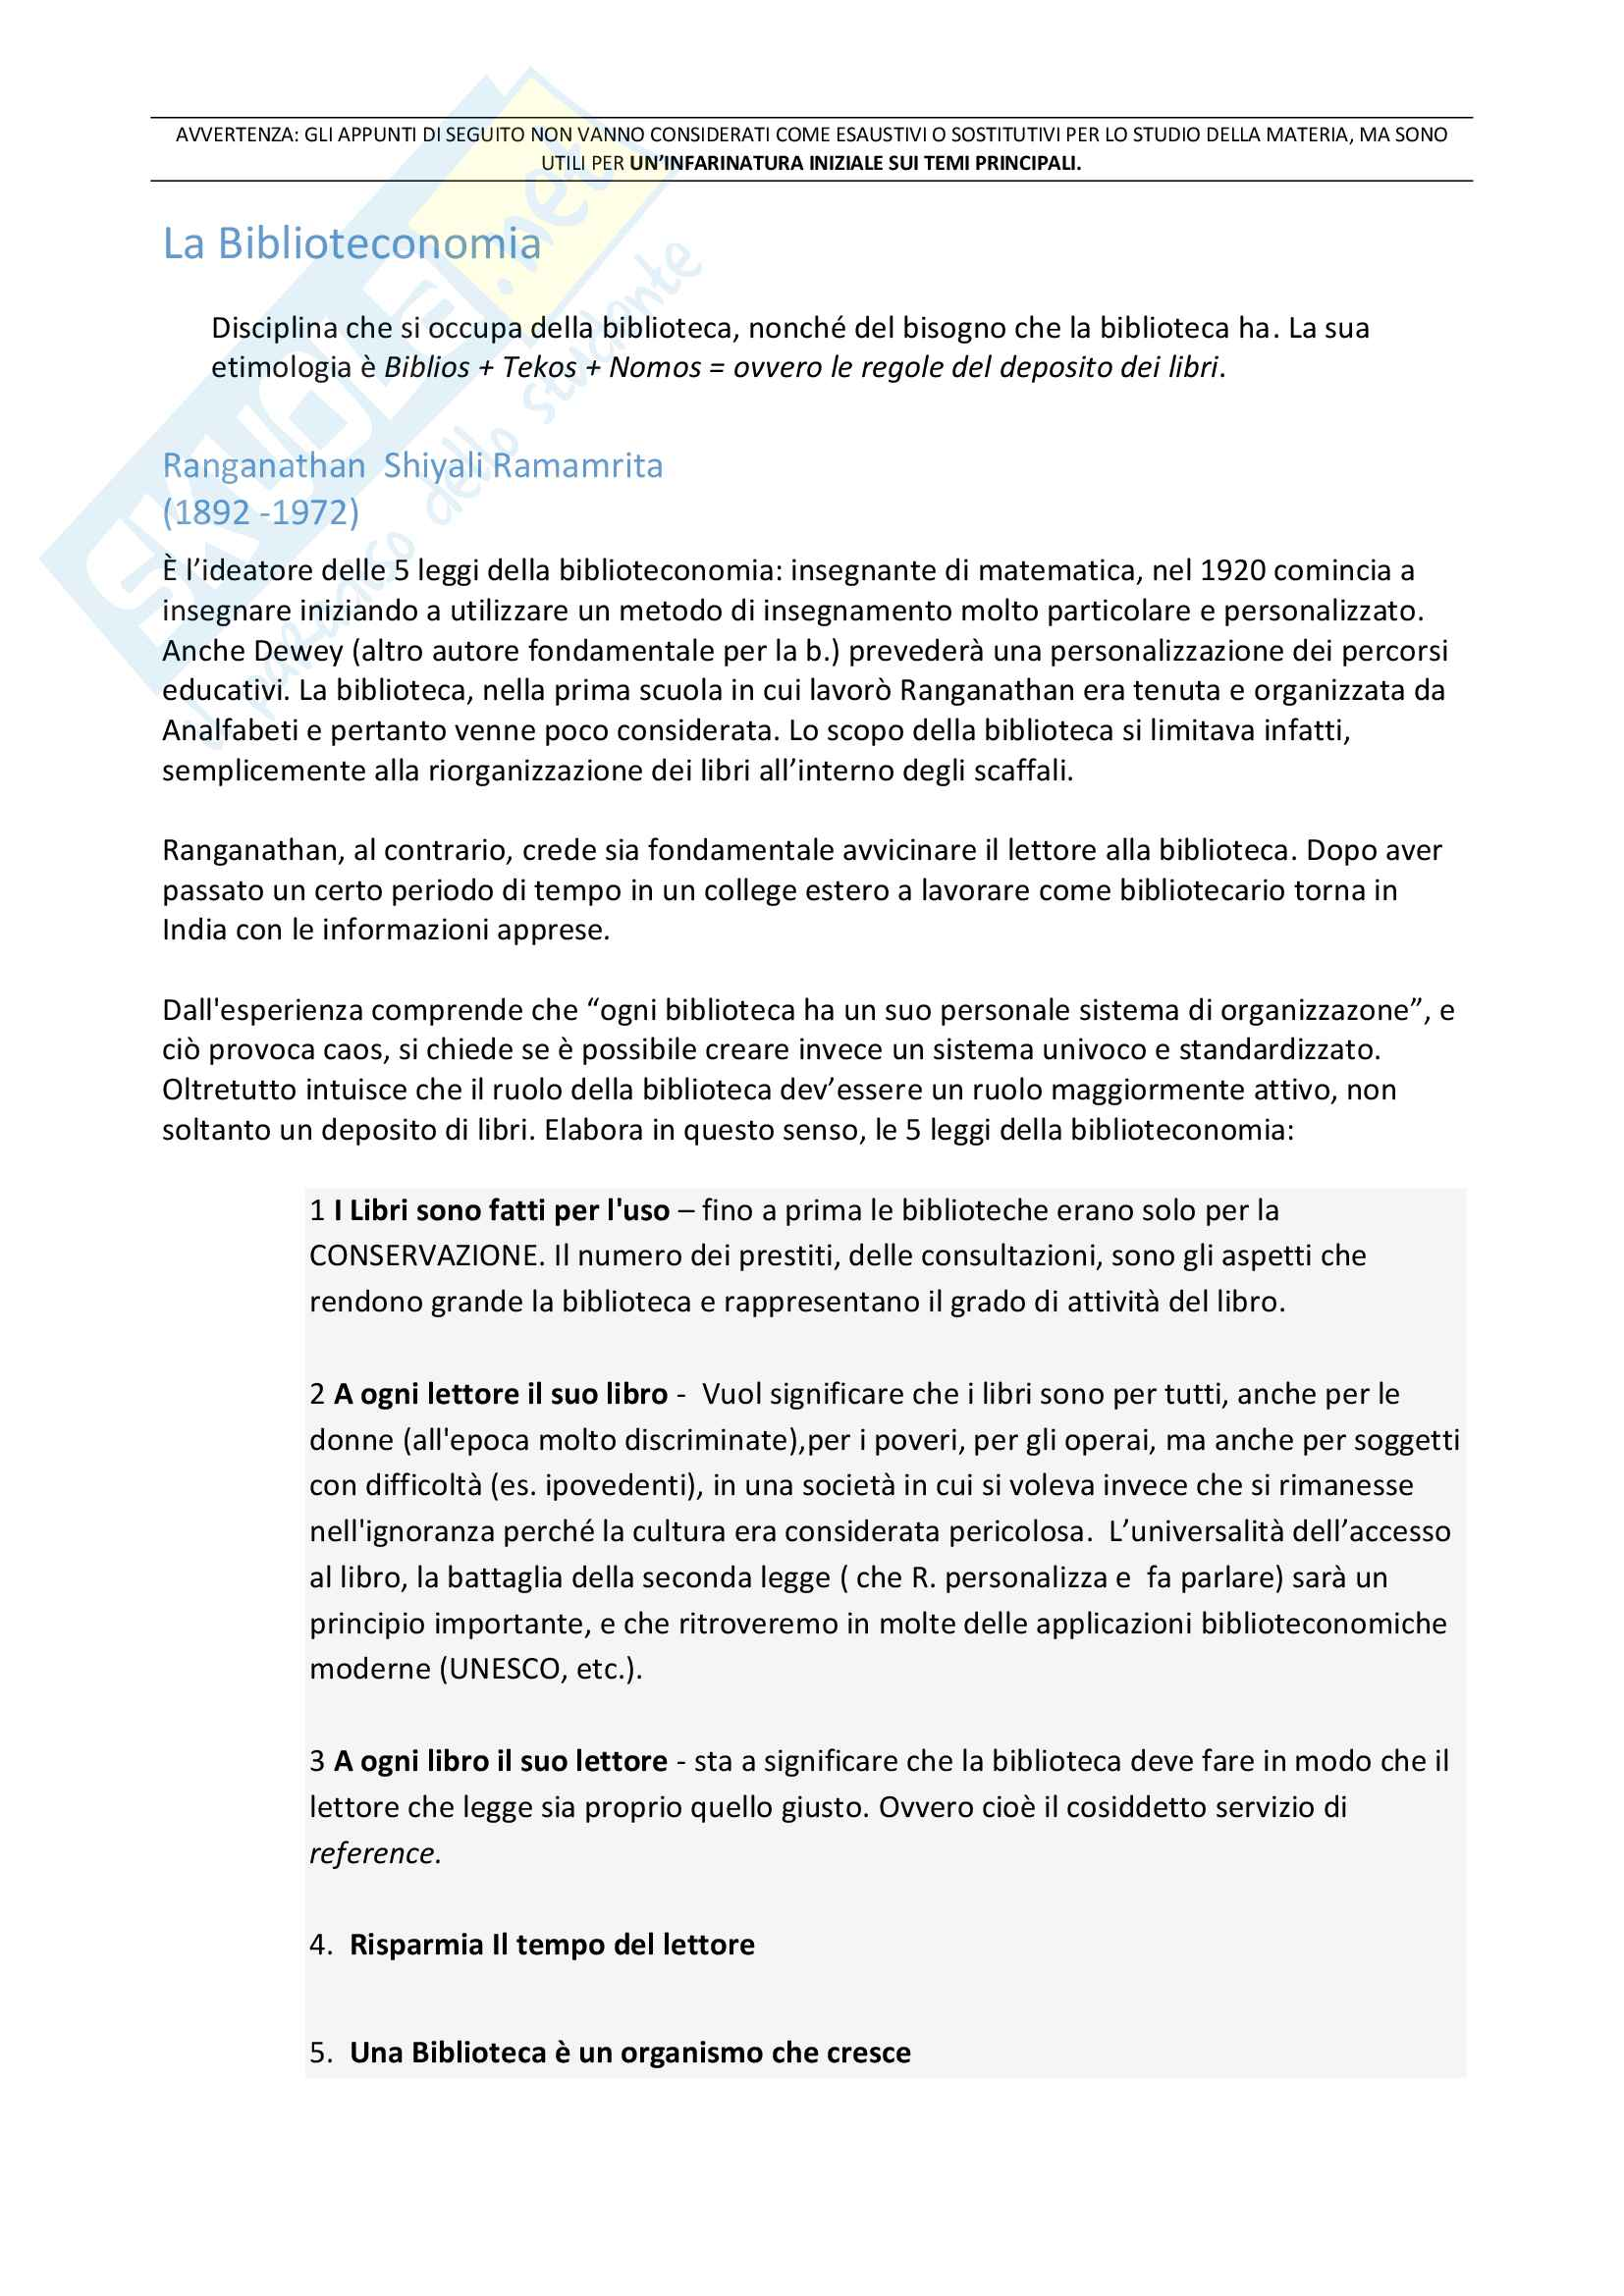 Riassunto esame Biblioteconomia, prof. Venuda, libro consigliato: Manuale di Biblioteconomia di Giorgio Montecchi e Fabio Venuda